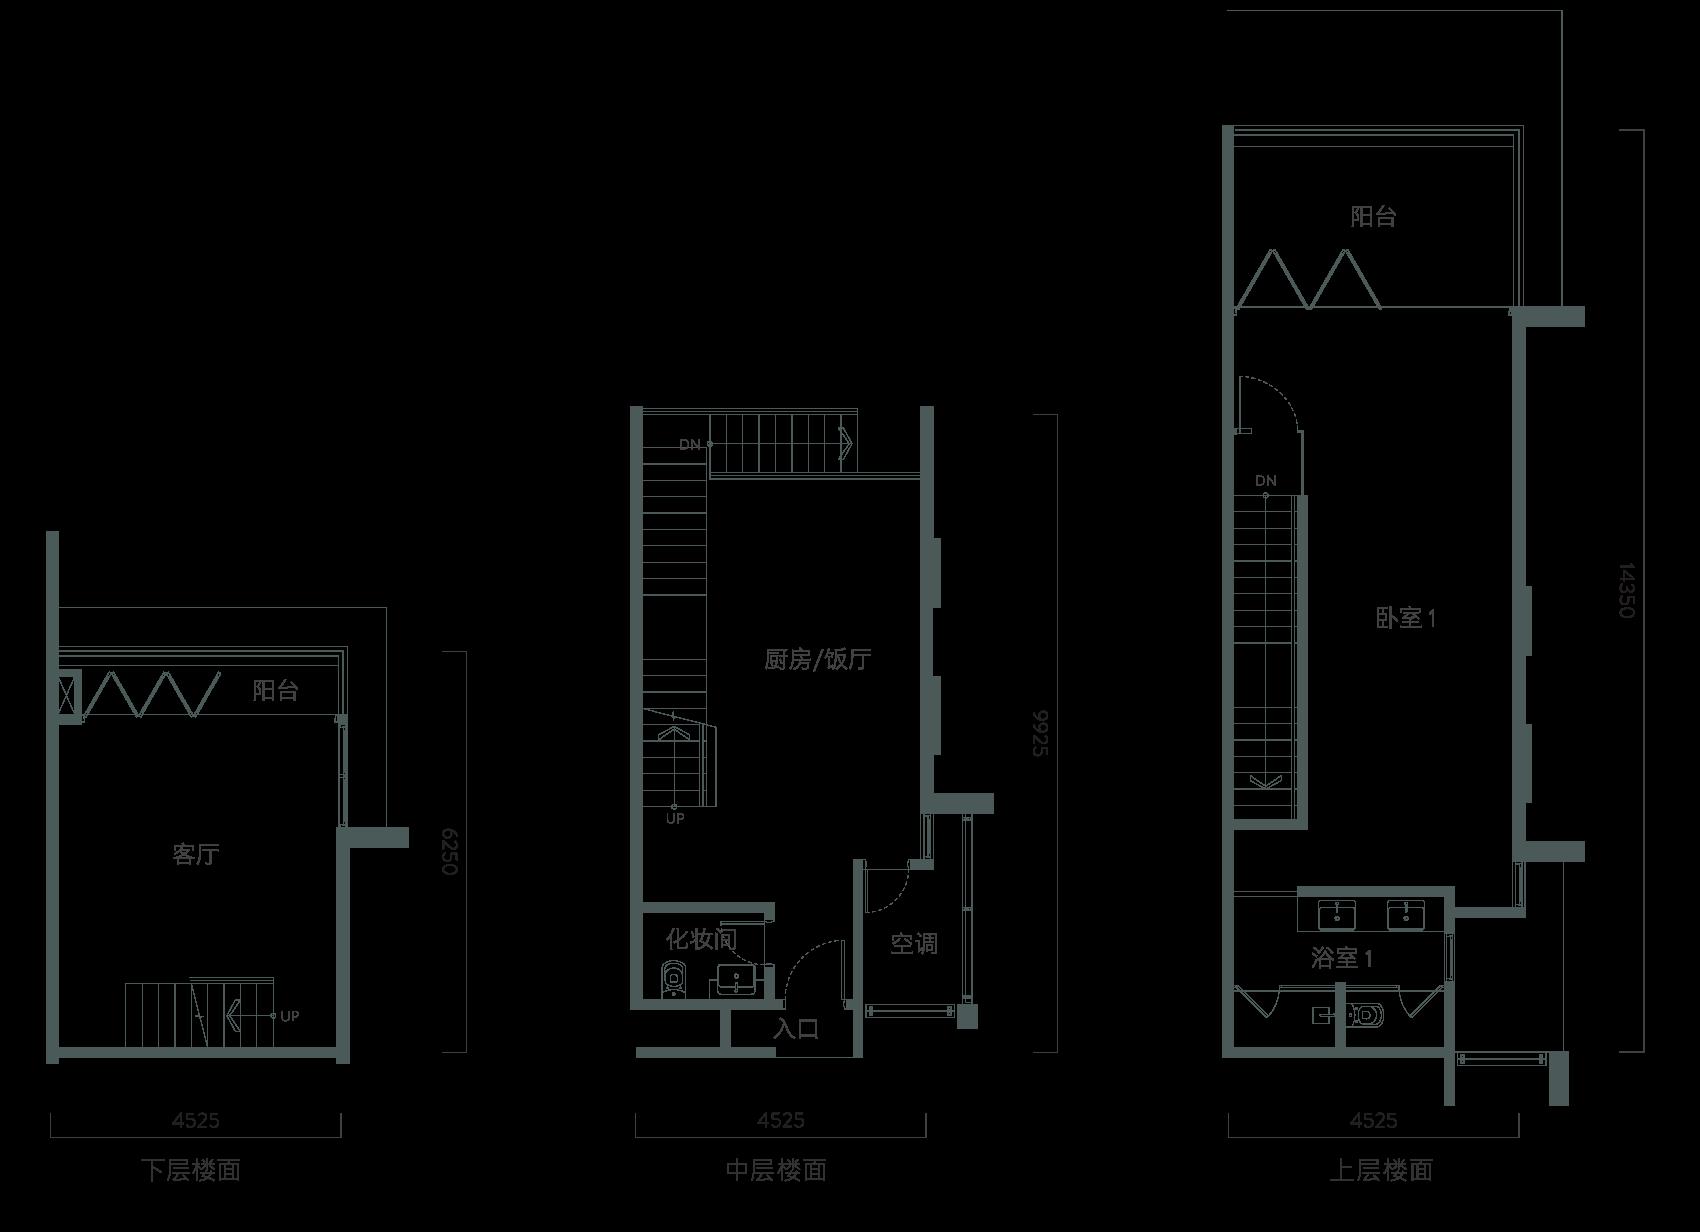 TC8 Floorplan